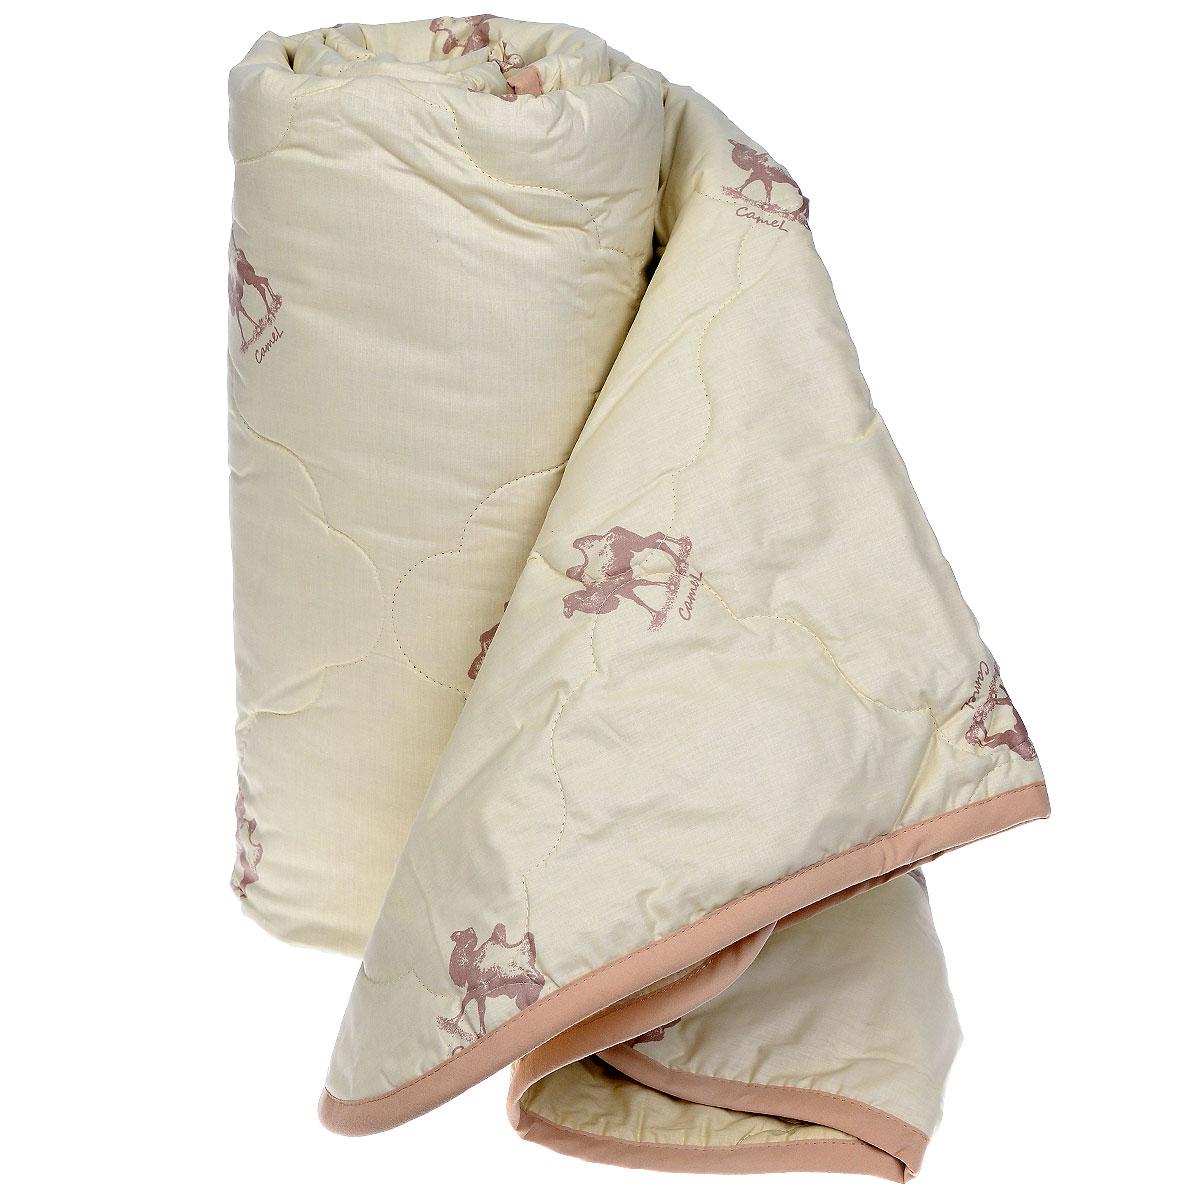 Одеяло Sova & Javoronok, наполнитель: верблюжья шерсть, цвет: бежевый, 172 см х 205 см05030116082Чехол одеяла Sova & Javoronok выполнен из высококачественного плотного материала тик (100% хлопок). Наполнитель одеяла изготовлен из верблюжьей шерсти. Стежка надежно удерживает наполнитель внутри и не позволяет ему скатываться. Особенности наполнителя: - исключительные терморегулирующие свойства; - высокое качество прочеса и промывки шерсти; - великолепные ощущения комфорта и уюта. Верблюжья шерсть обладает целебными качествами, содержит наиболее высокий процент ланолина (животного воска), который является природным антисептиком и благоприятно воздействует на организм по целому ряду показателей: оказывает благотворное действие на мышцы, суставы, позвоночник, нормализует кровообращение, имеет профилактический эффект при заболевания опорно-двигательного аппарата. Кроме того, верблюжья шерсть антистатична. Шерсть верблюда сохраняет прохладу в период жаркого лета и удерживает тепло во время суровой зимы. Одеяло...